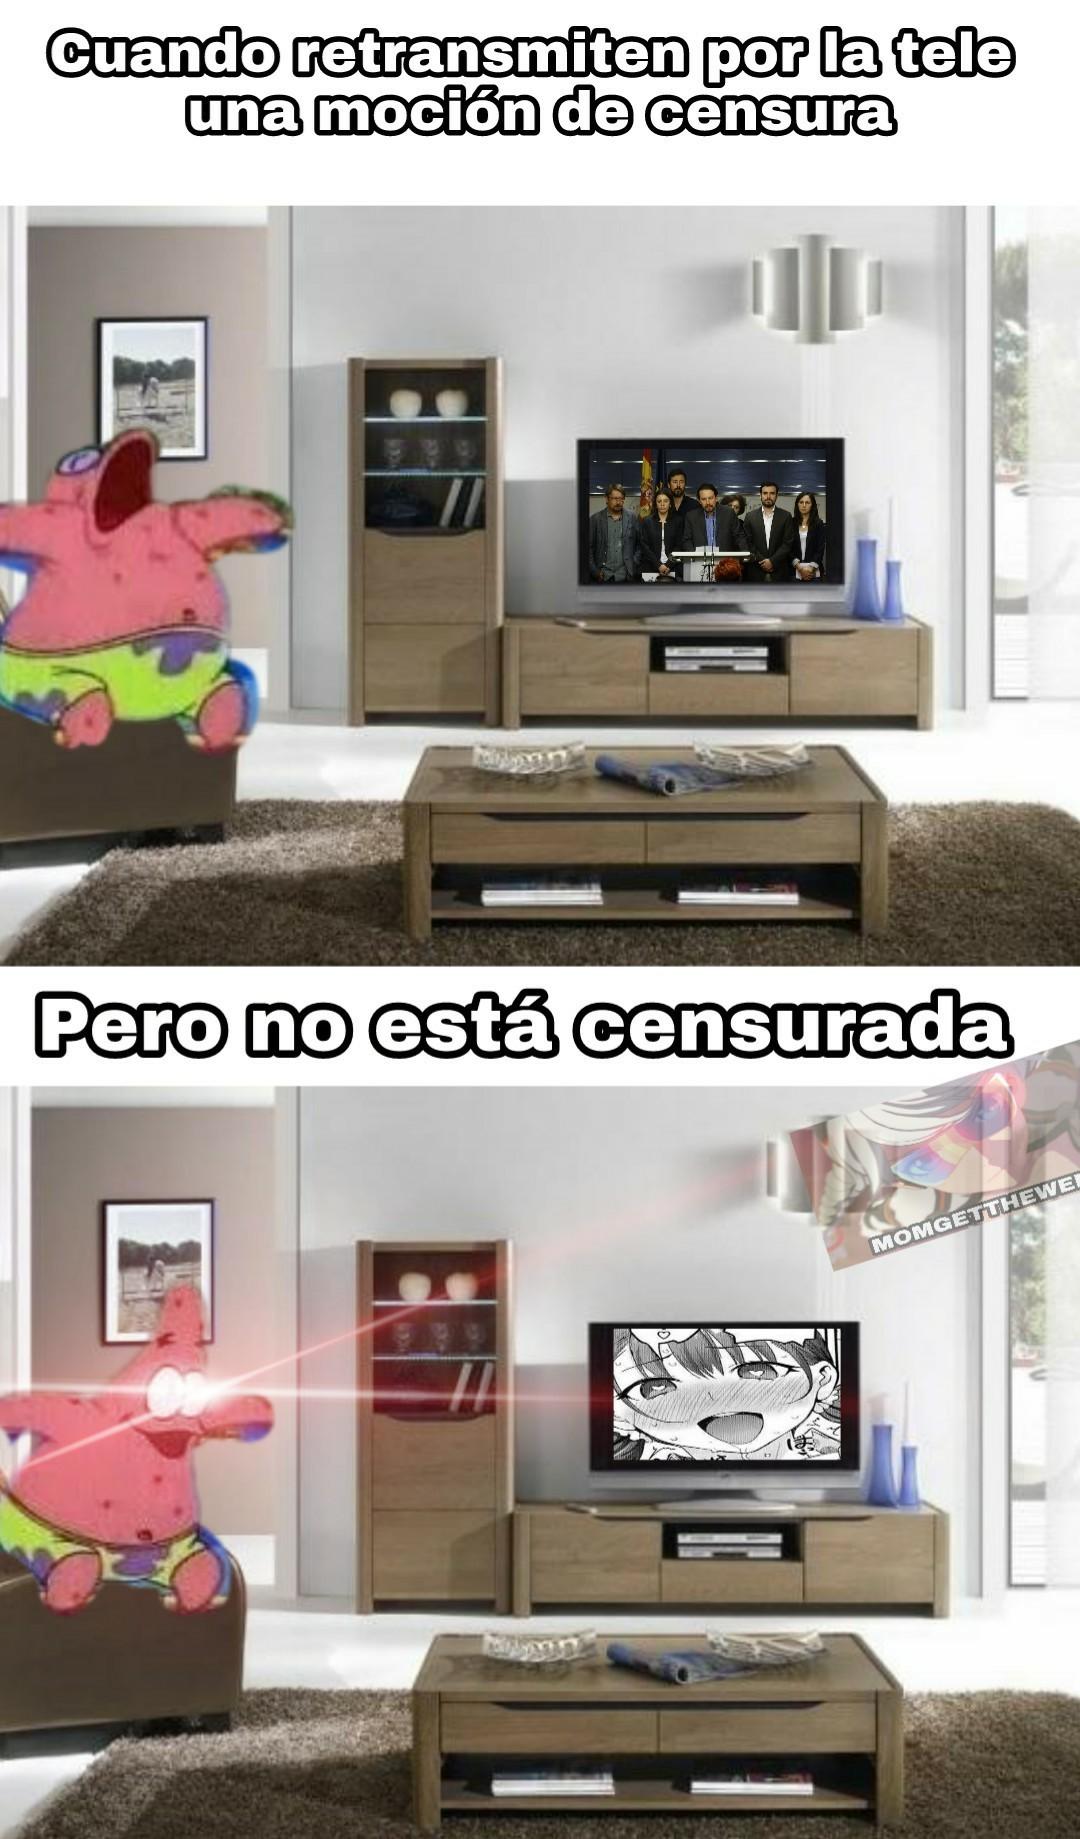 España en estos momentos - meme